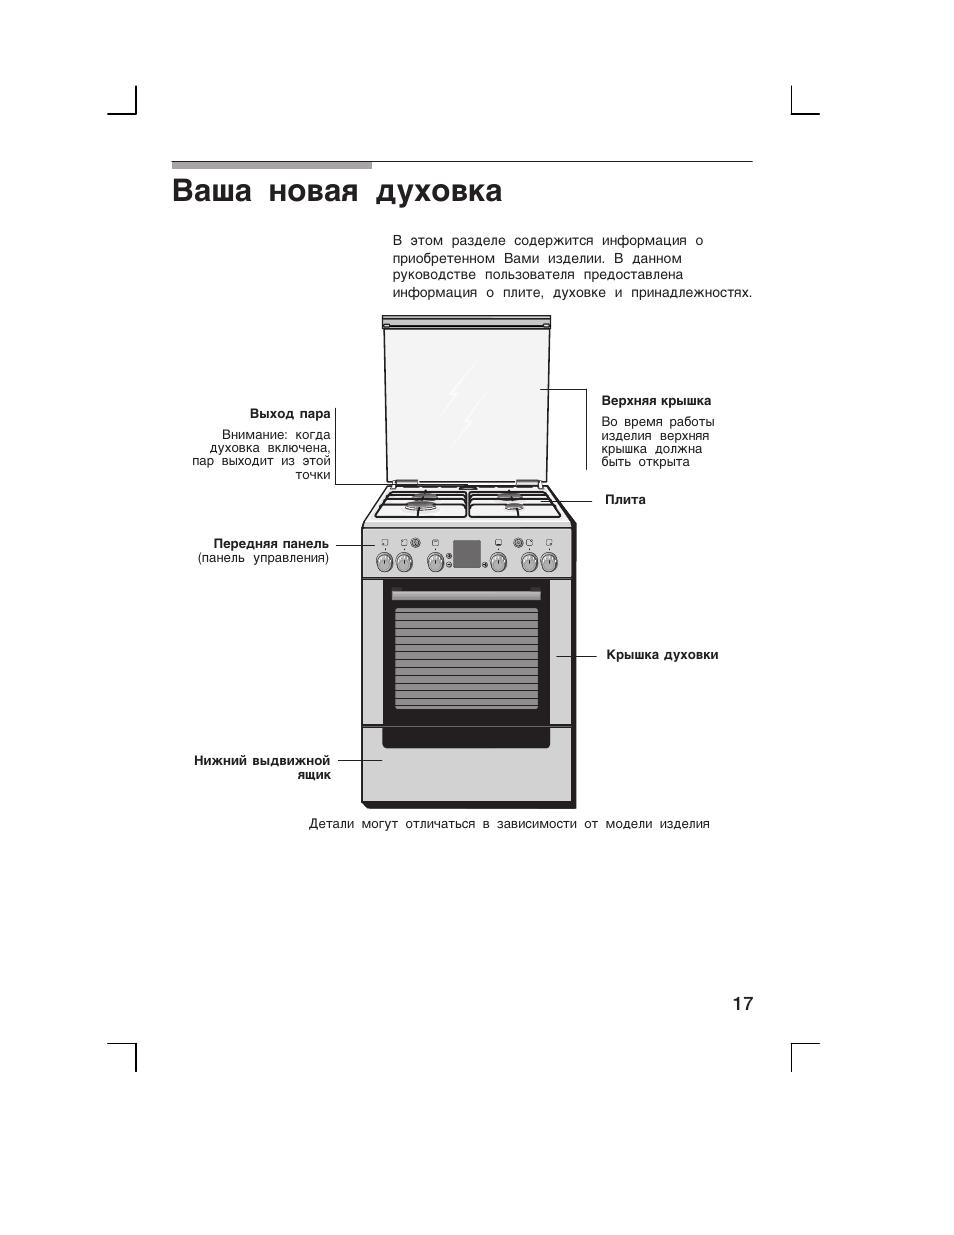 электроплита бош инструкция духовка